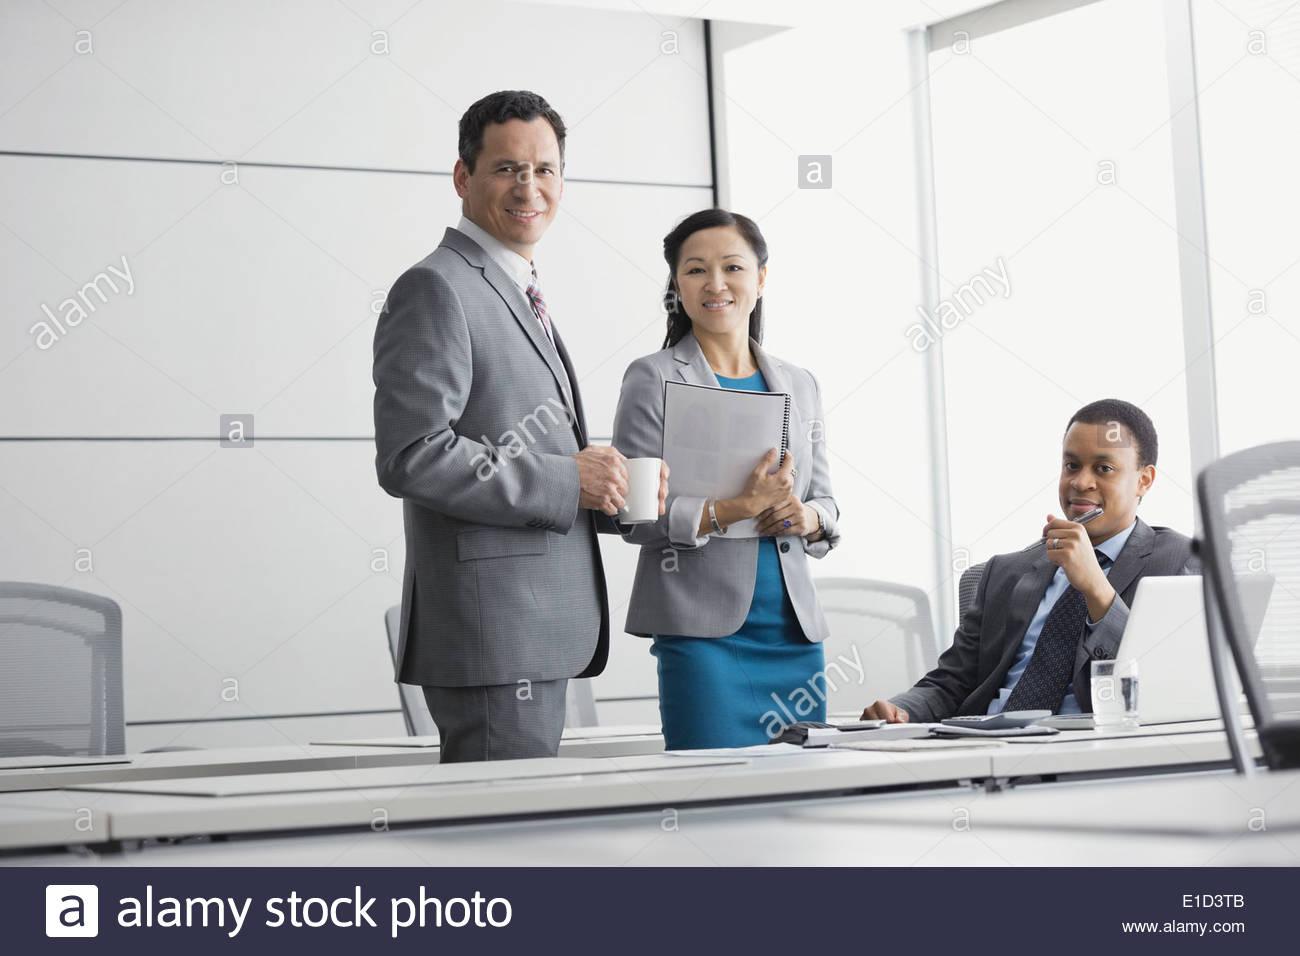 Ritratto di certi uomini di affari in sala conferenze Immagini Stock